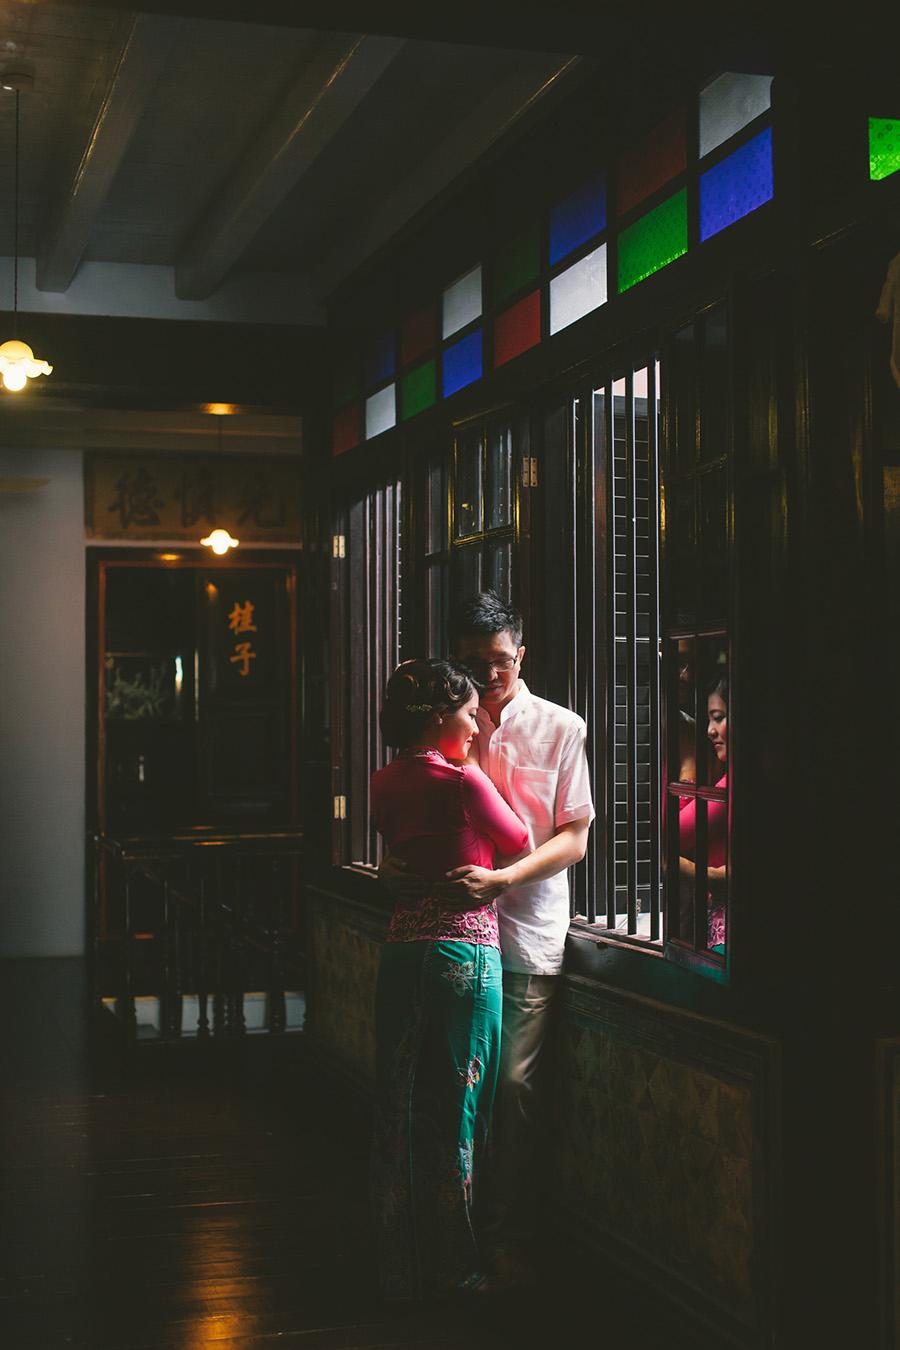 Photos by Ting of Ksana